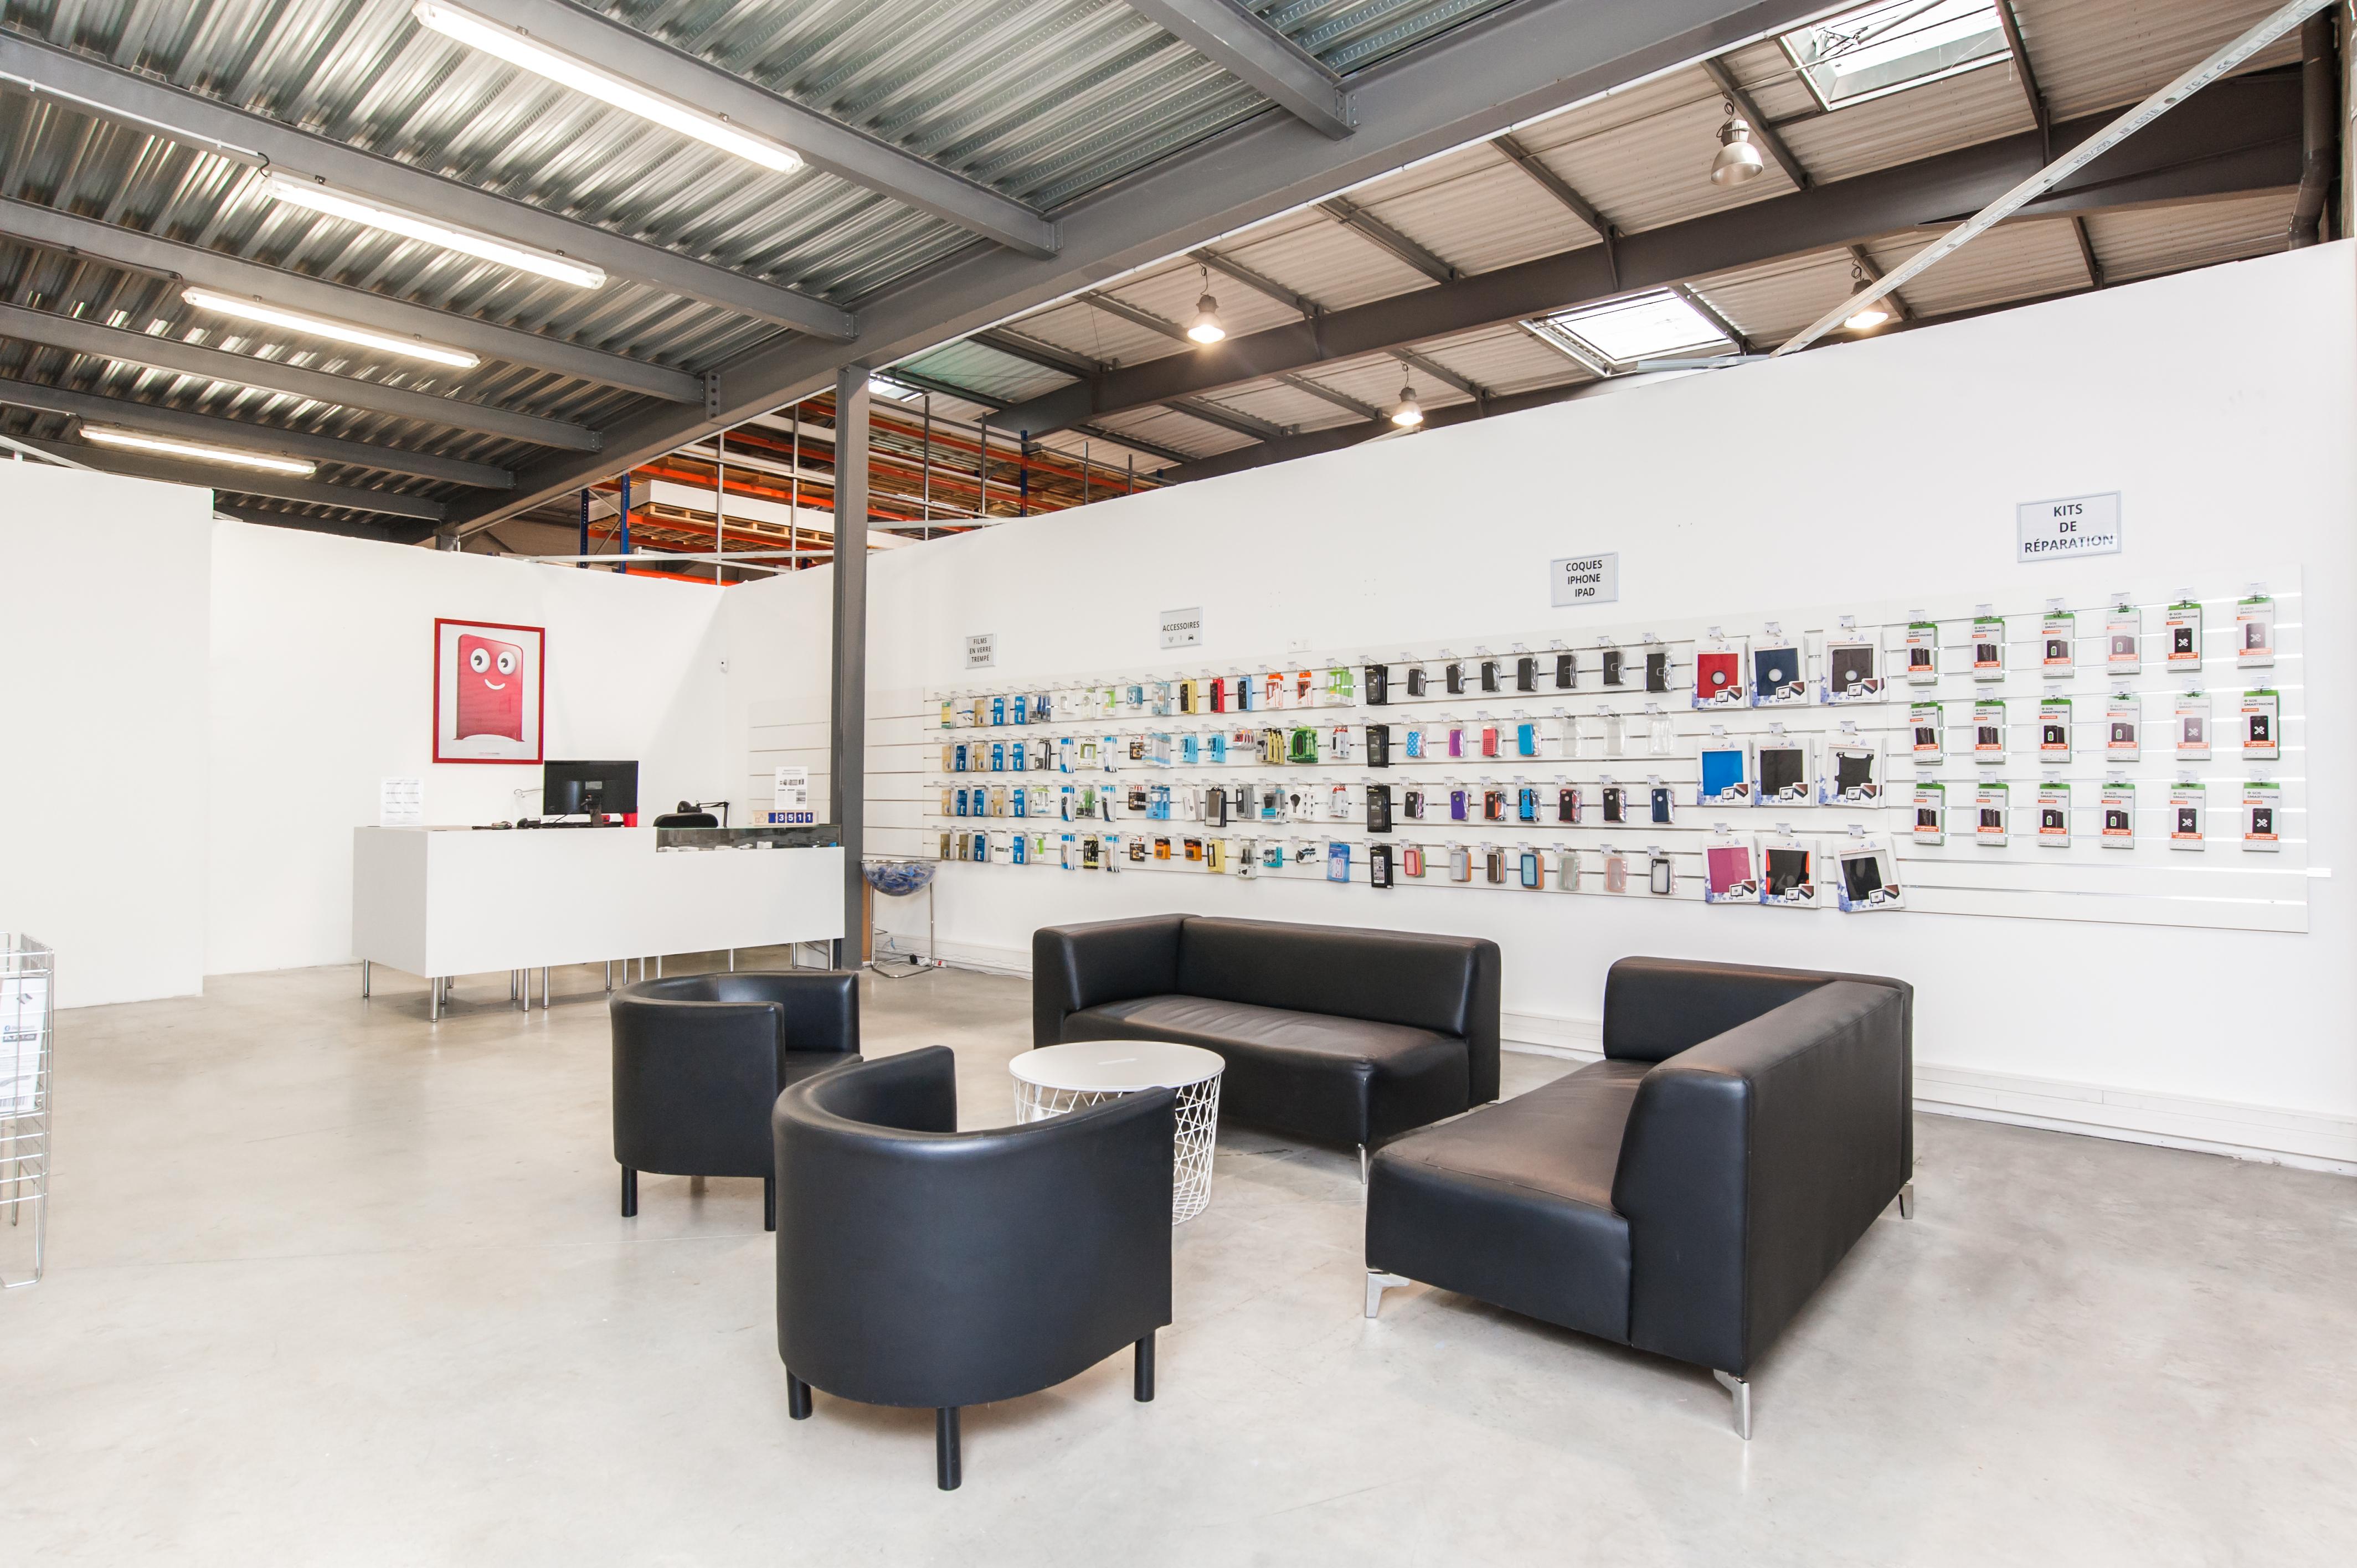 boutique r paration smartphones et tablettes toulouse balma tout pour phone. Black Bedroom Furniture Sets. Home Design Ideas